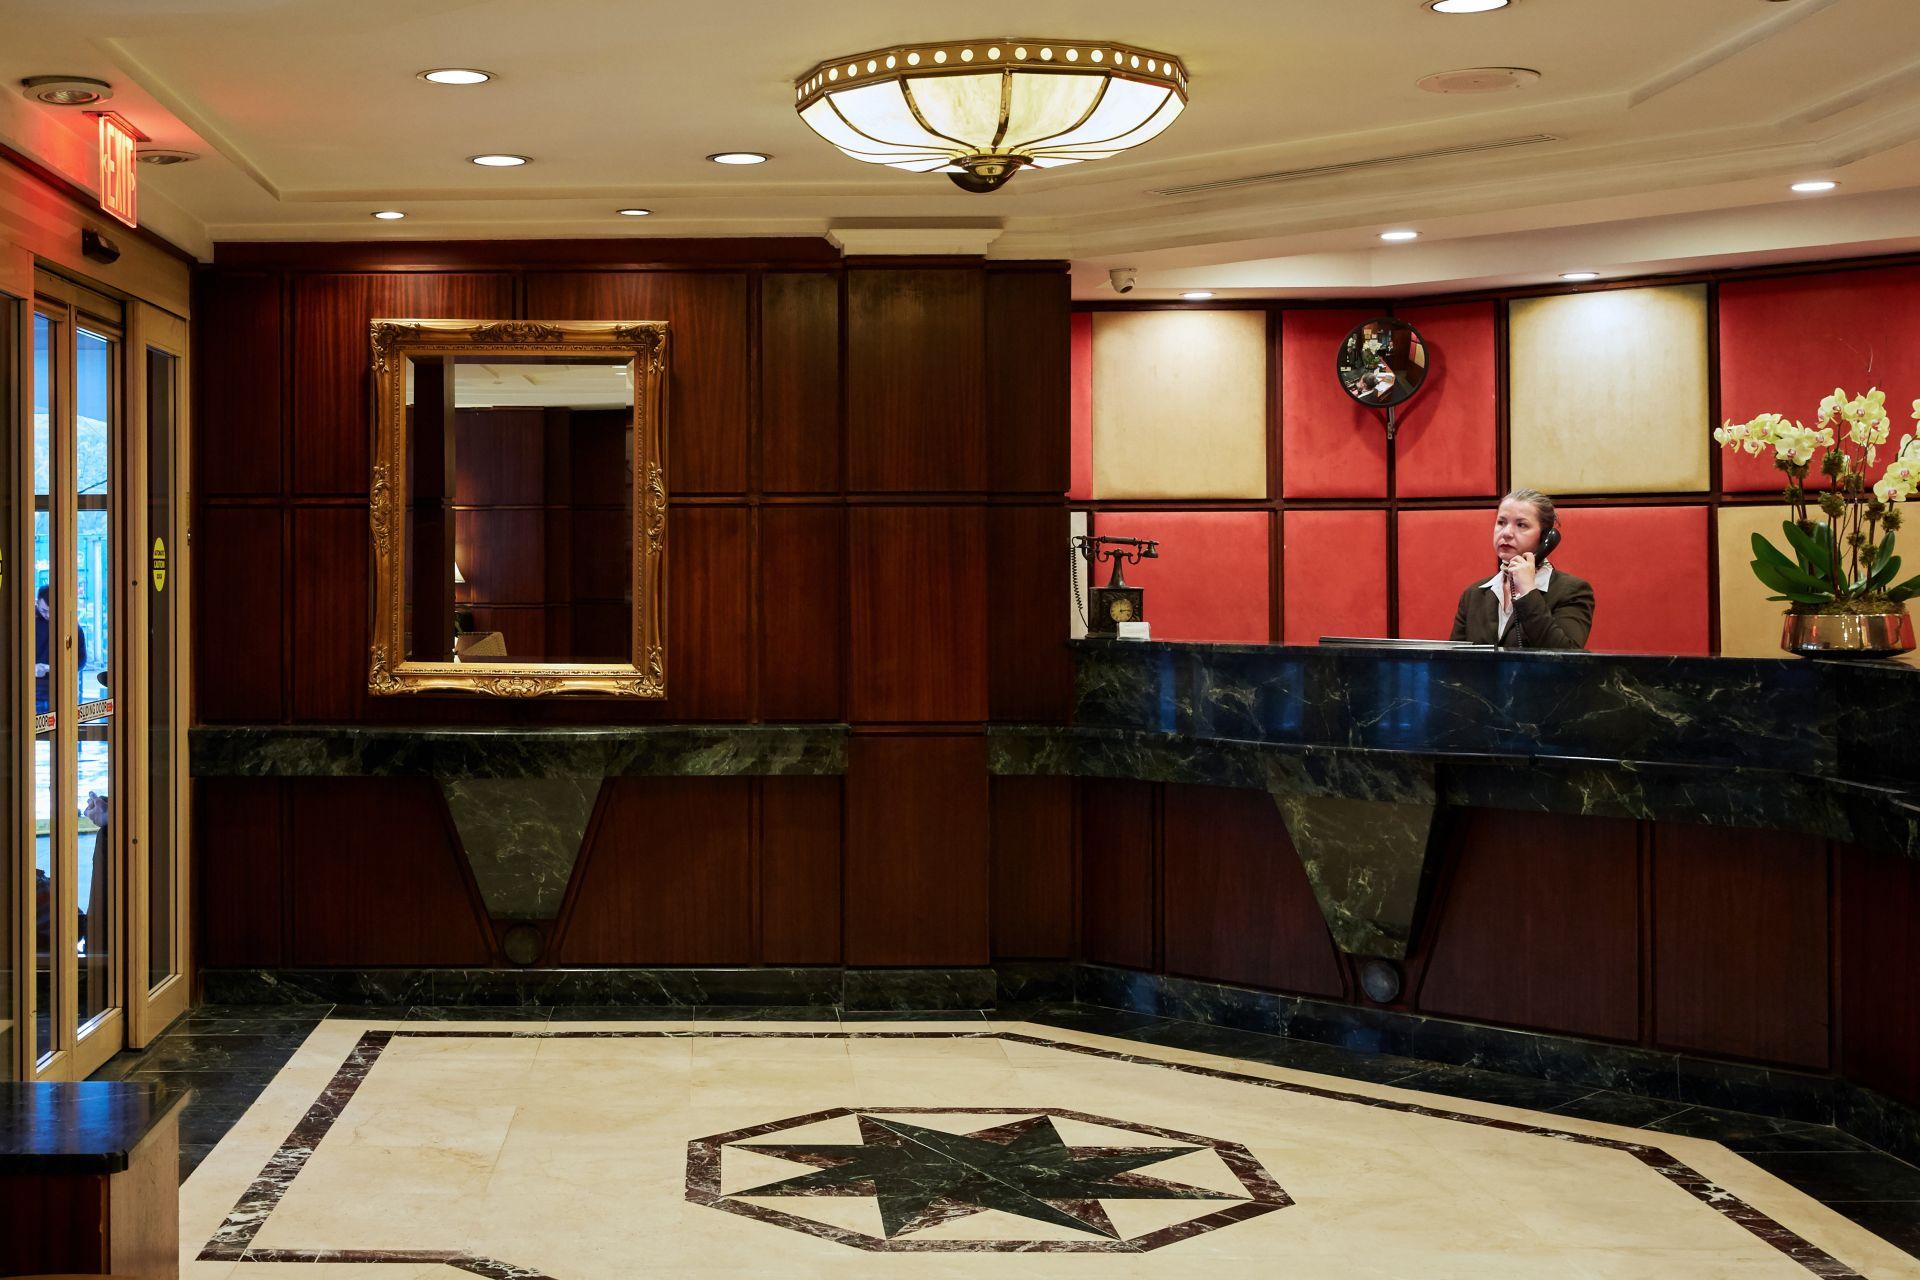 Hells Kitchen Hotel Photo Gallery Skyline Hotel